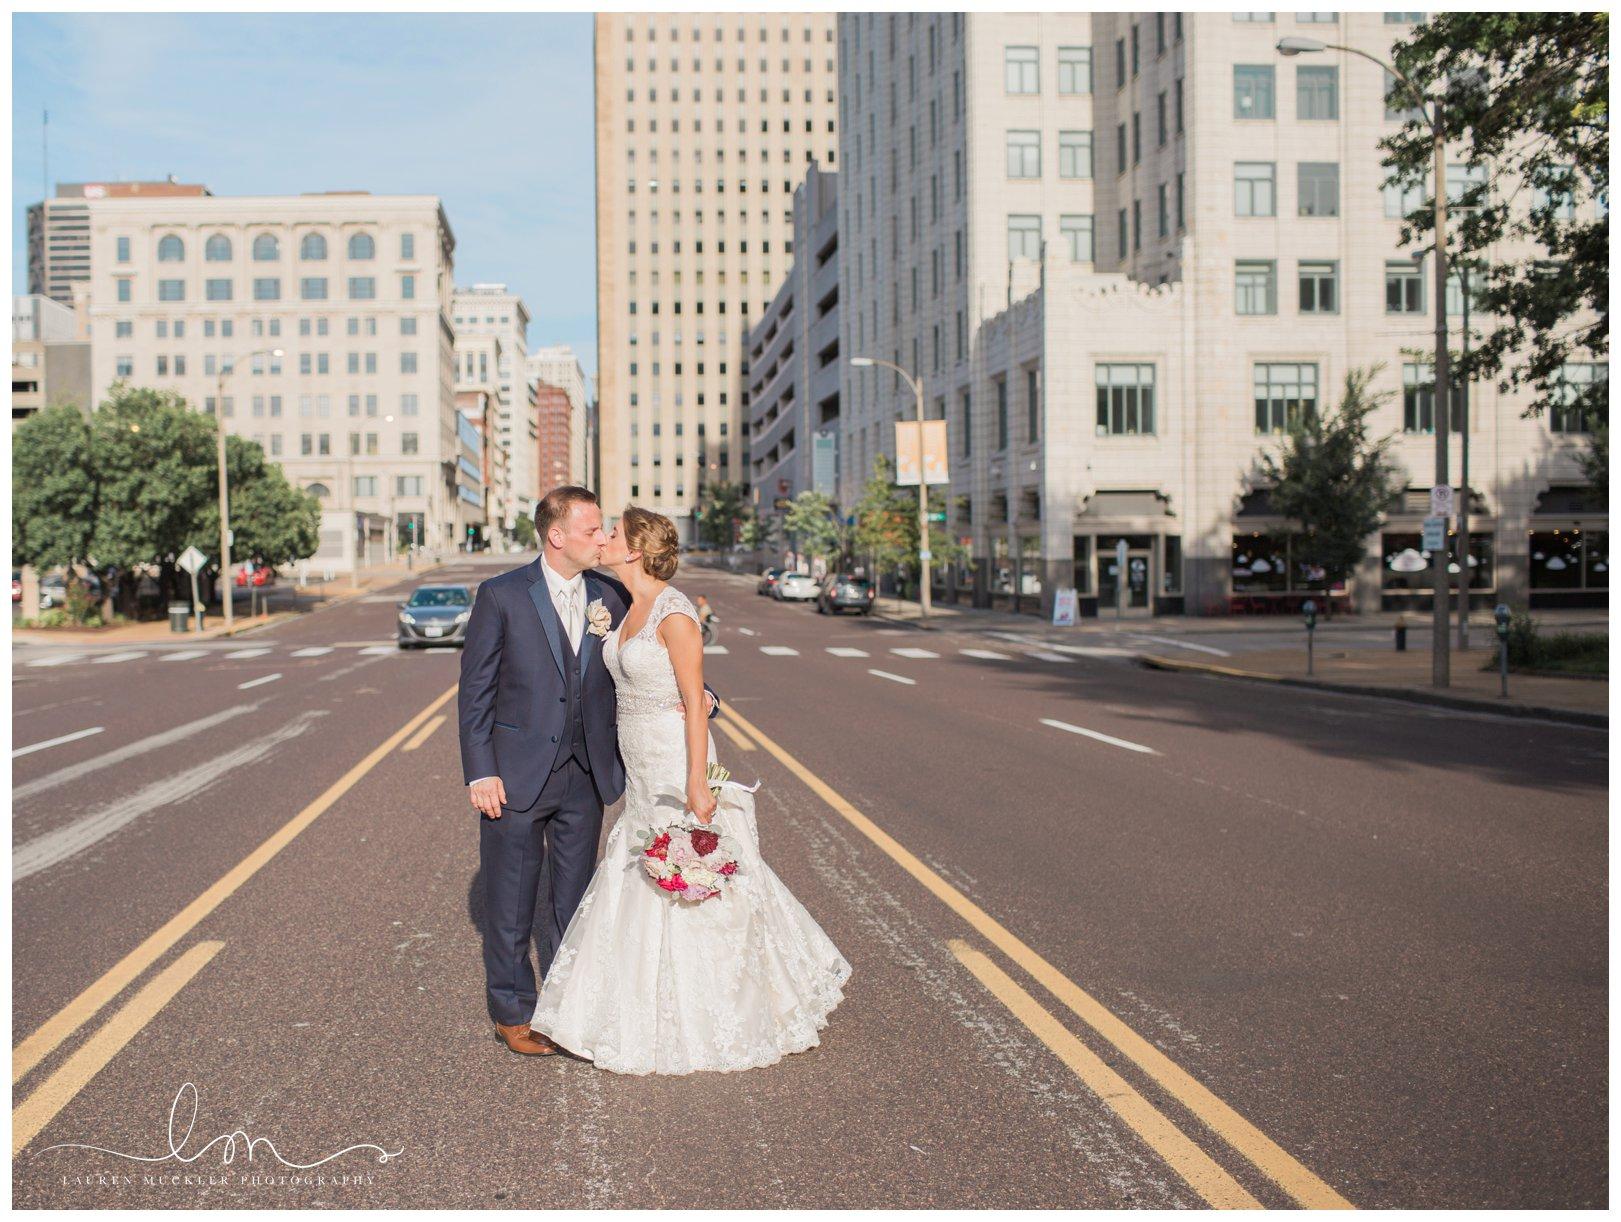 lauren muckler photography_fine art film wedding photography_st louis_photography_0495.jpg